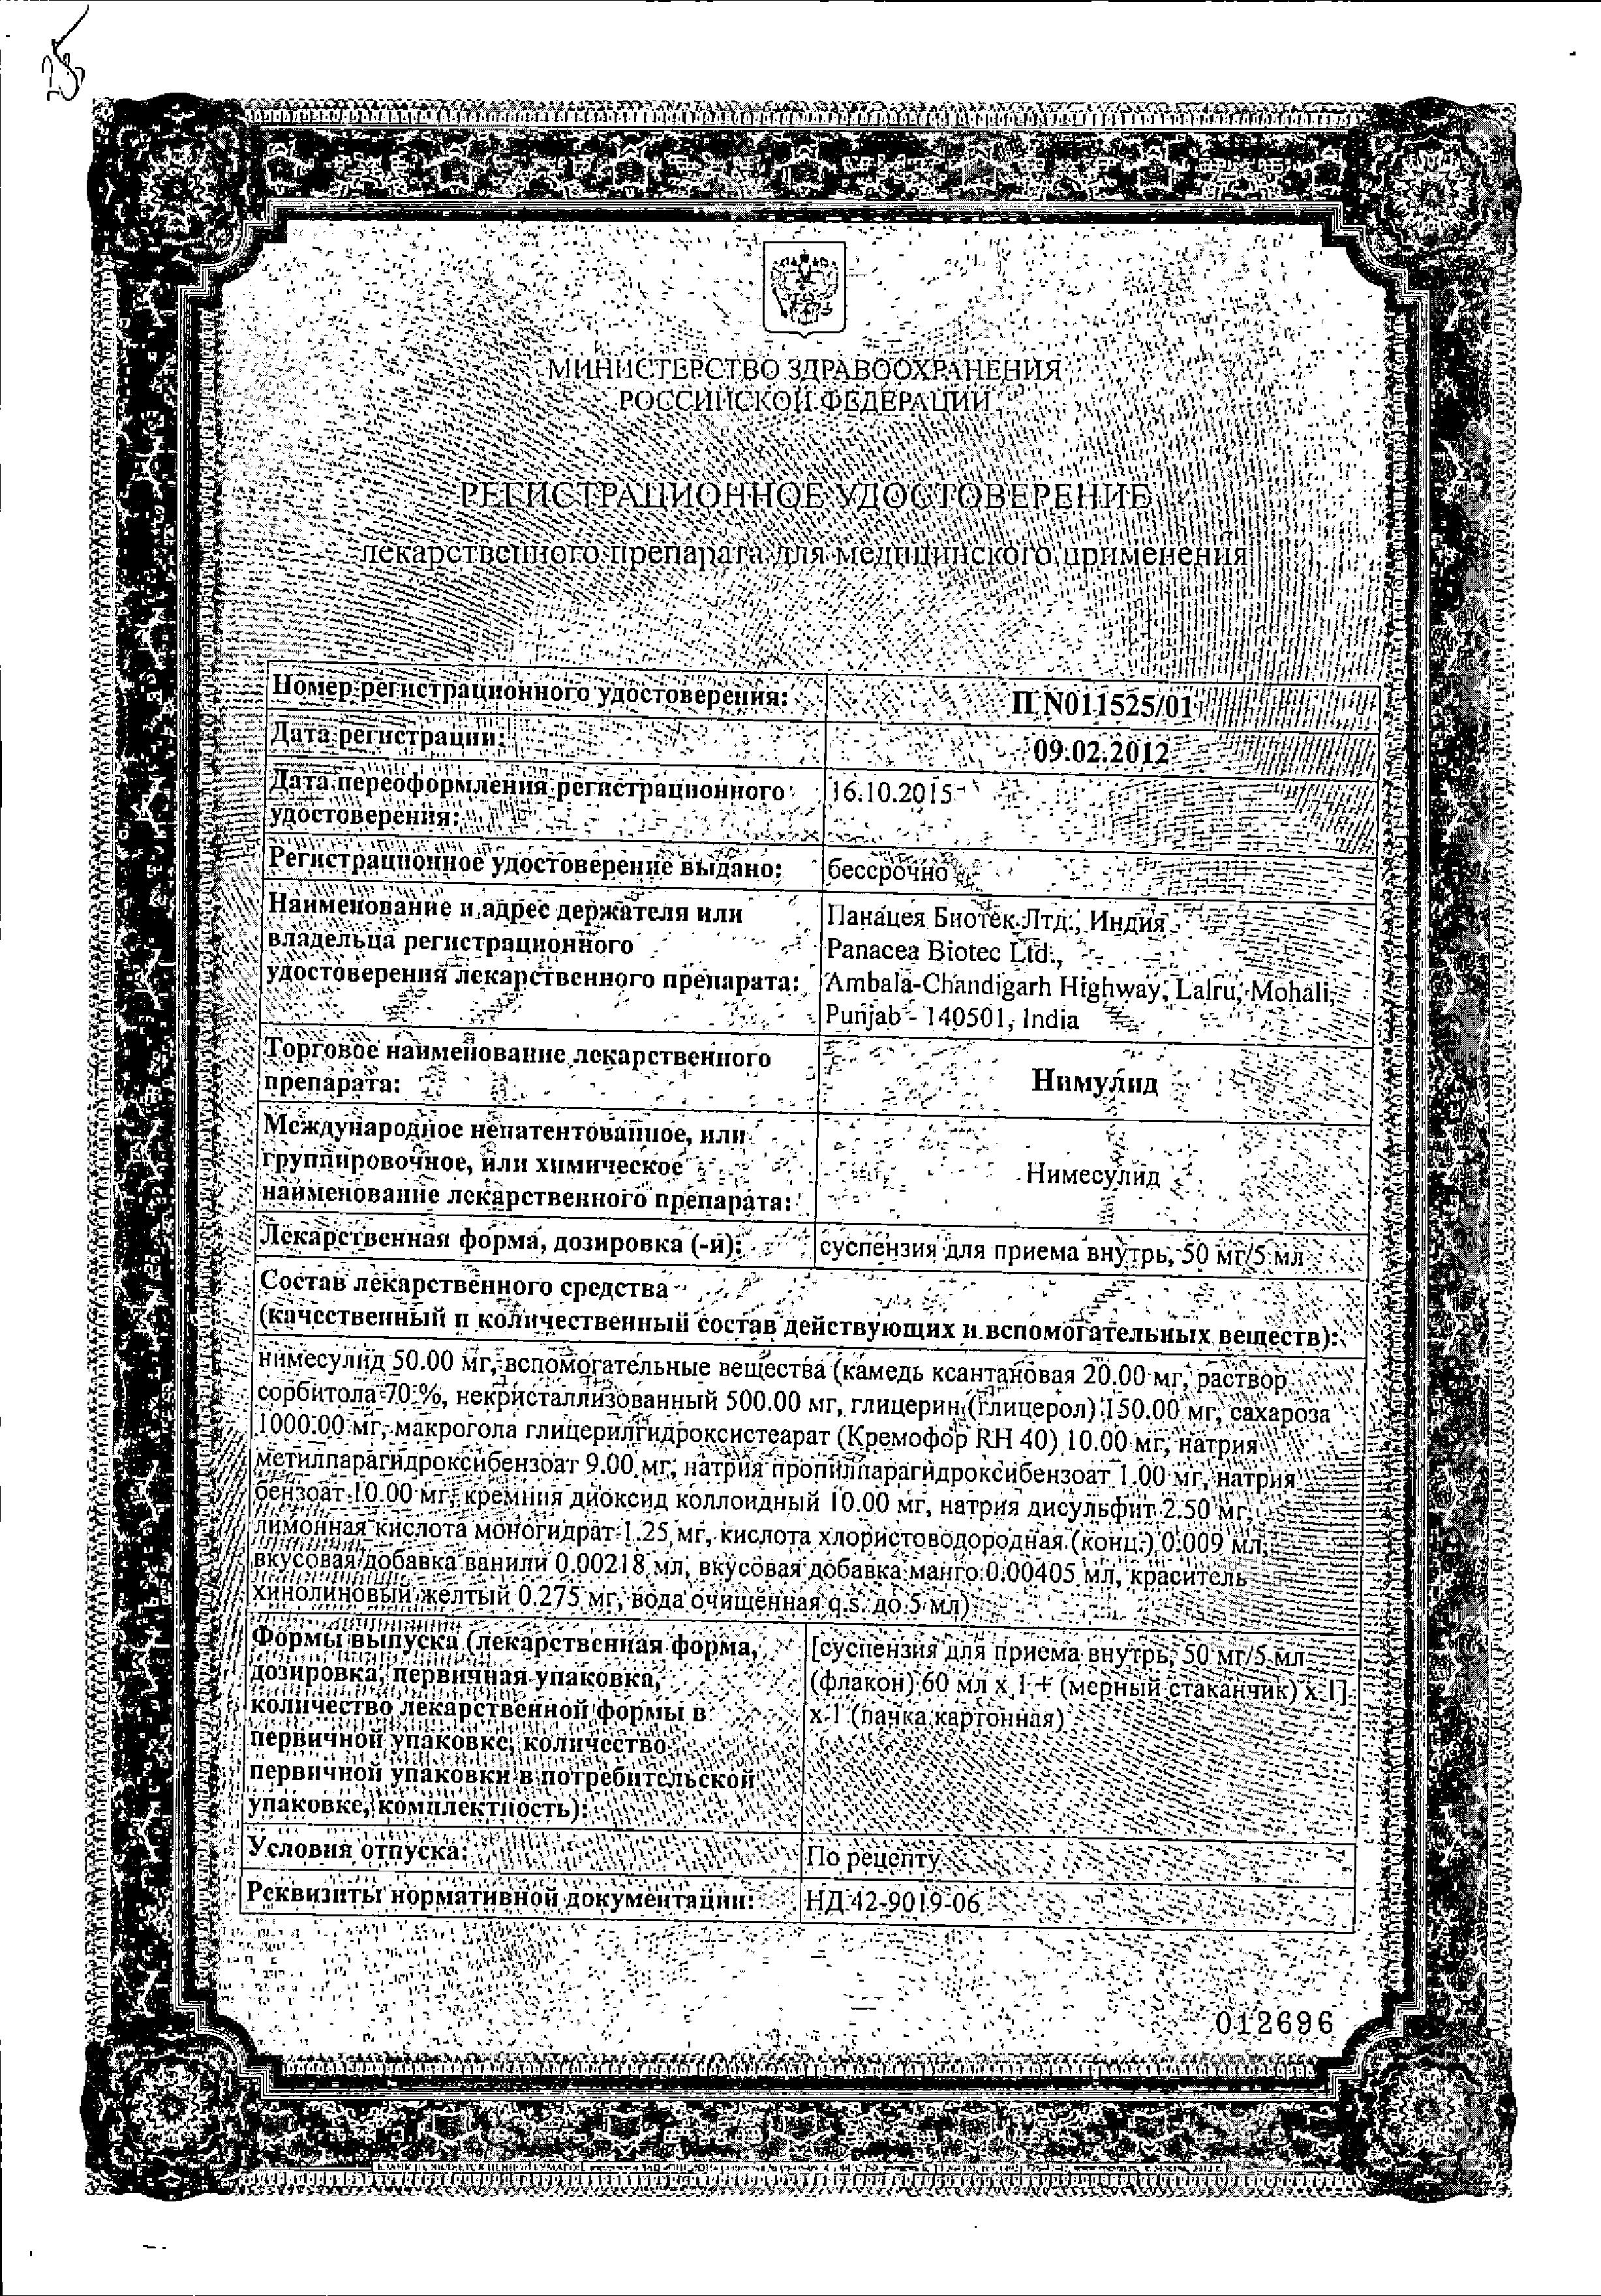 Нимулид сертификат